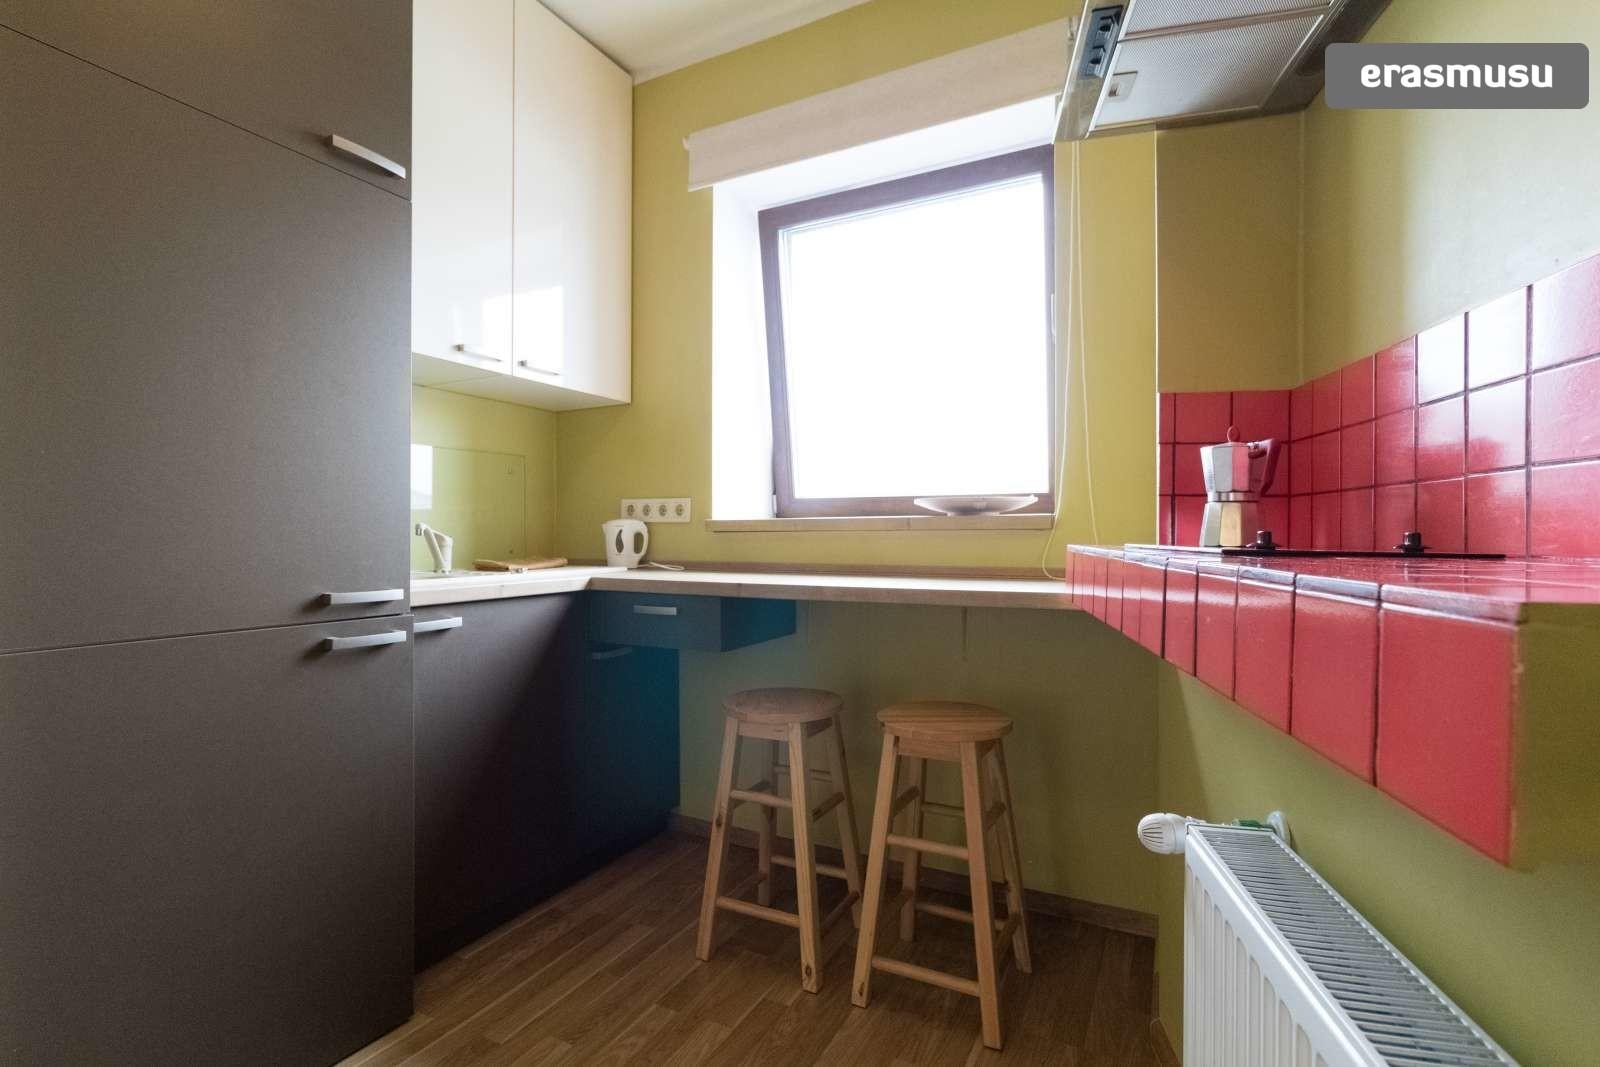 modern-studio-apartment-rent-maskavas-forstate-e5201181879e7cb30